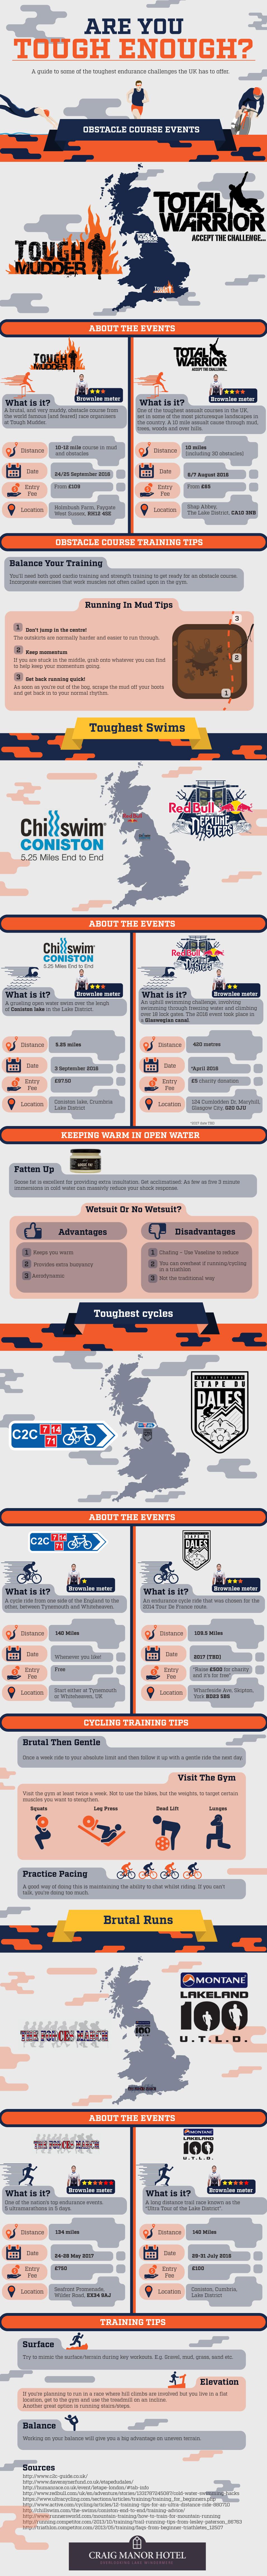 Are You Tough Enough [Infographic]